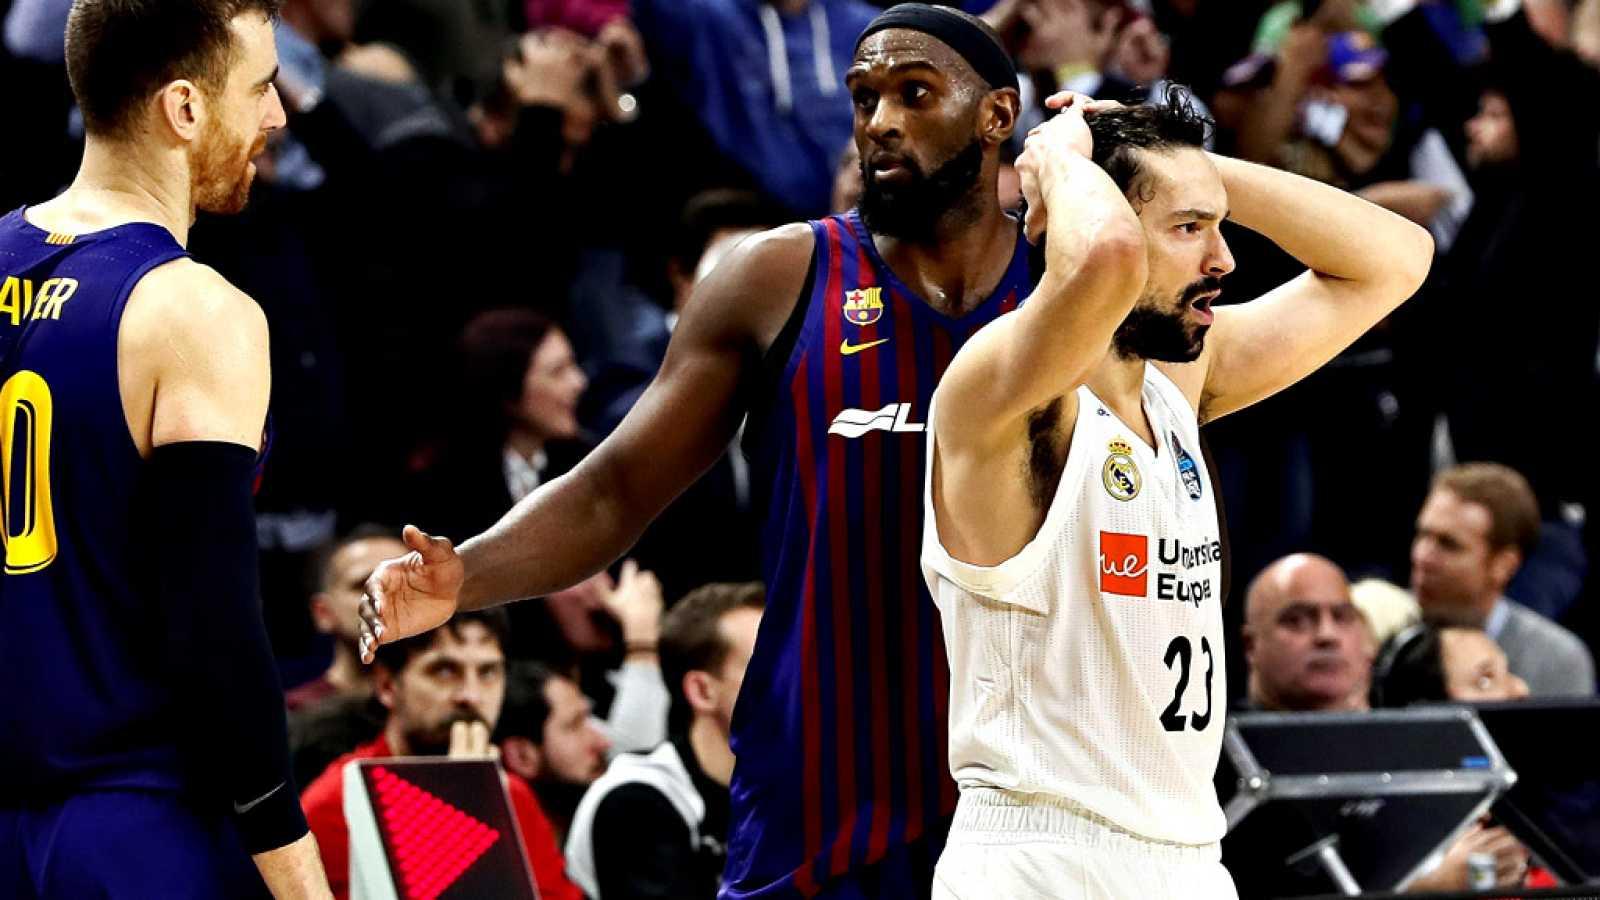 Los árbitros de la polémica final de la Copa del Rey de baloncesto jugada el domingo entre el Barça y el Real Madrid reflejaron en el acta los insultos de los jugadores madridistas Felipe Reyes y Facundo Campazzo y, como es preceptivo en estos casos,